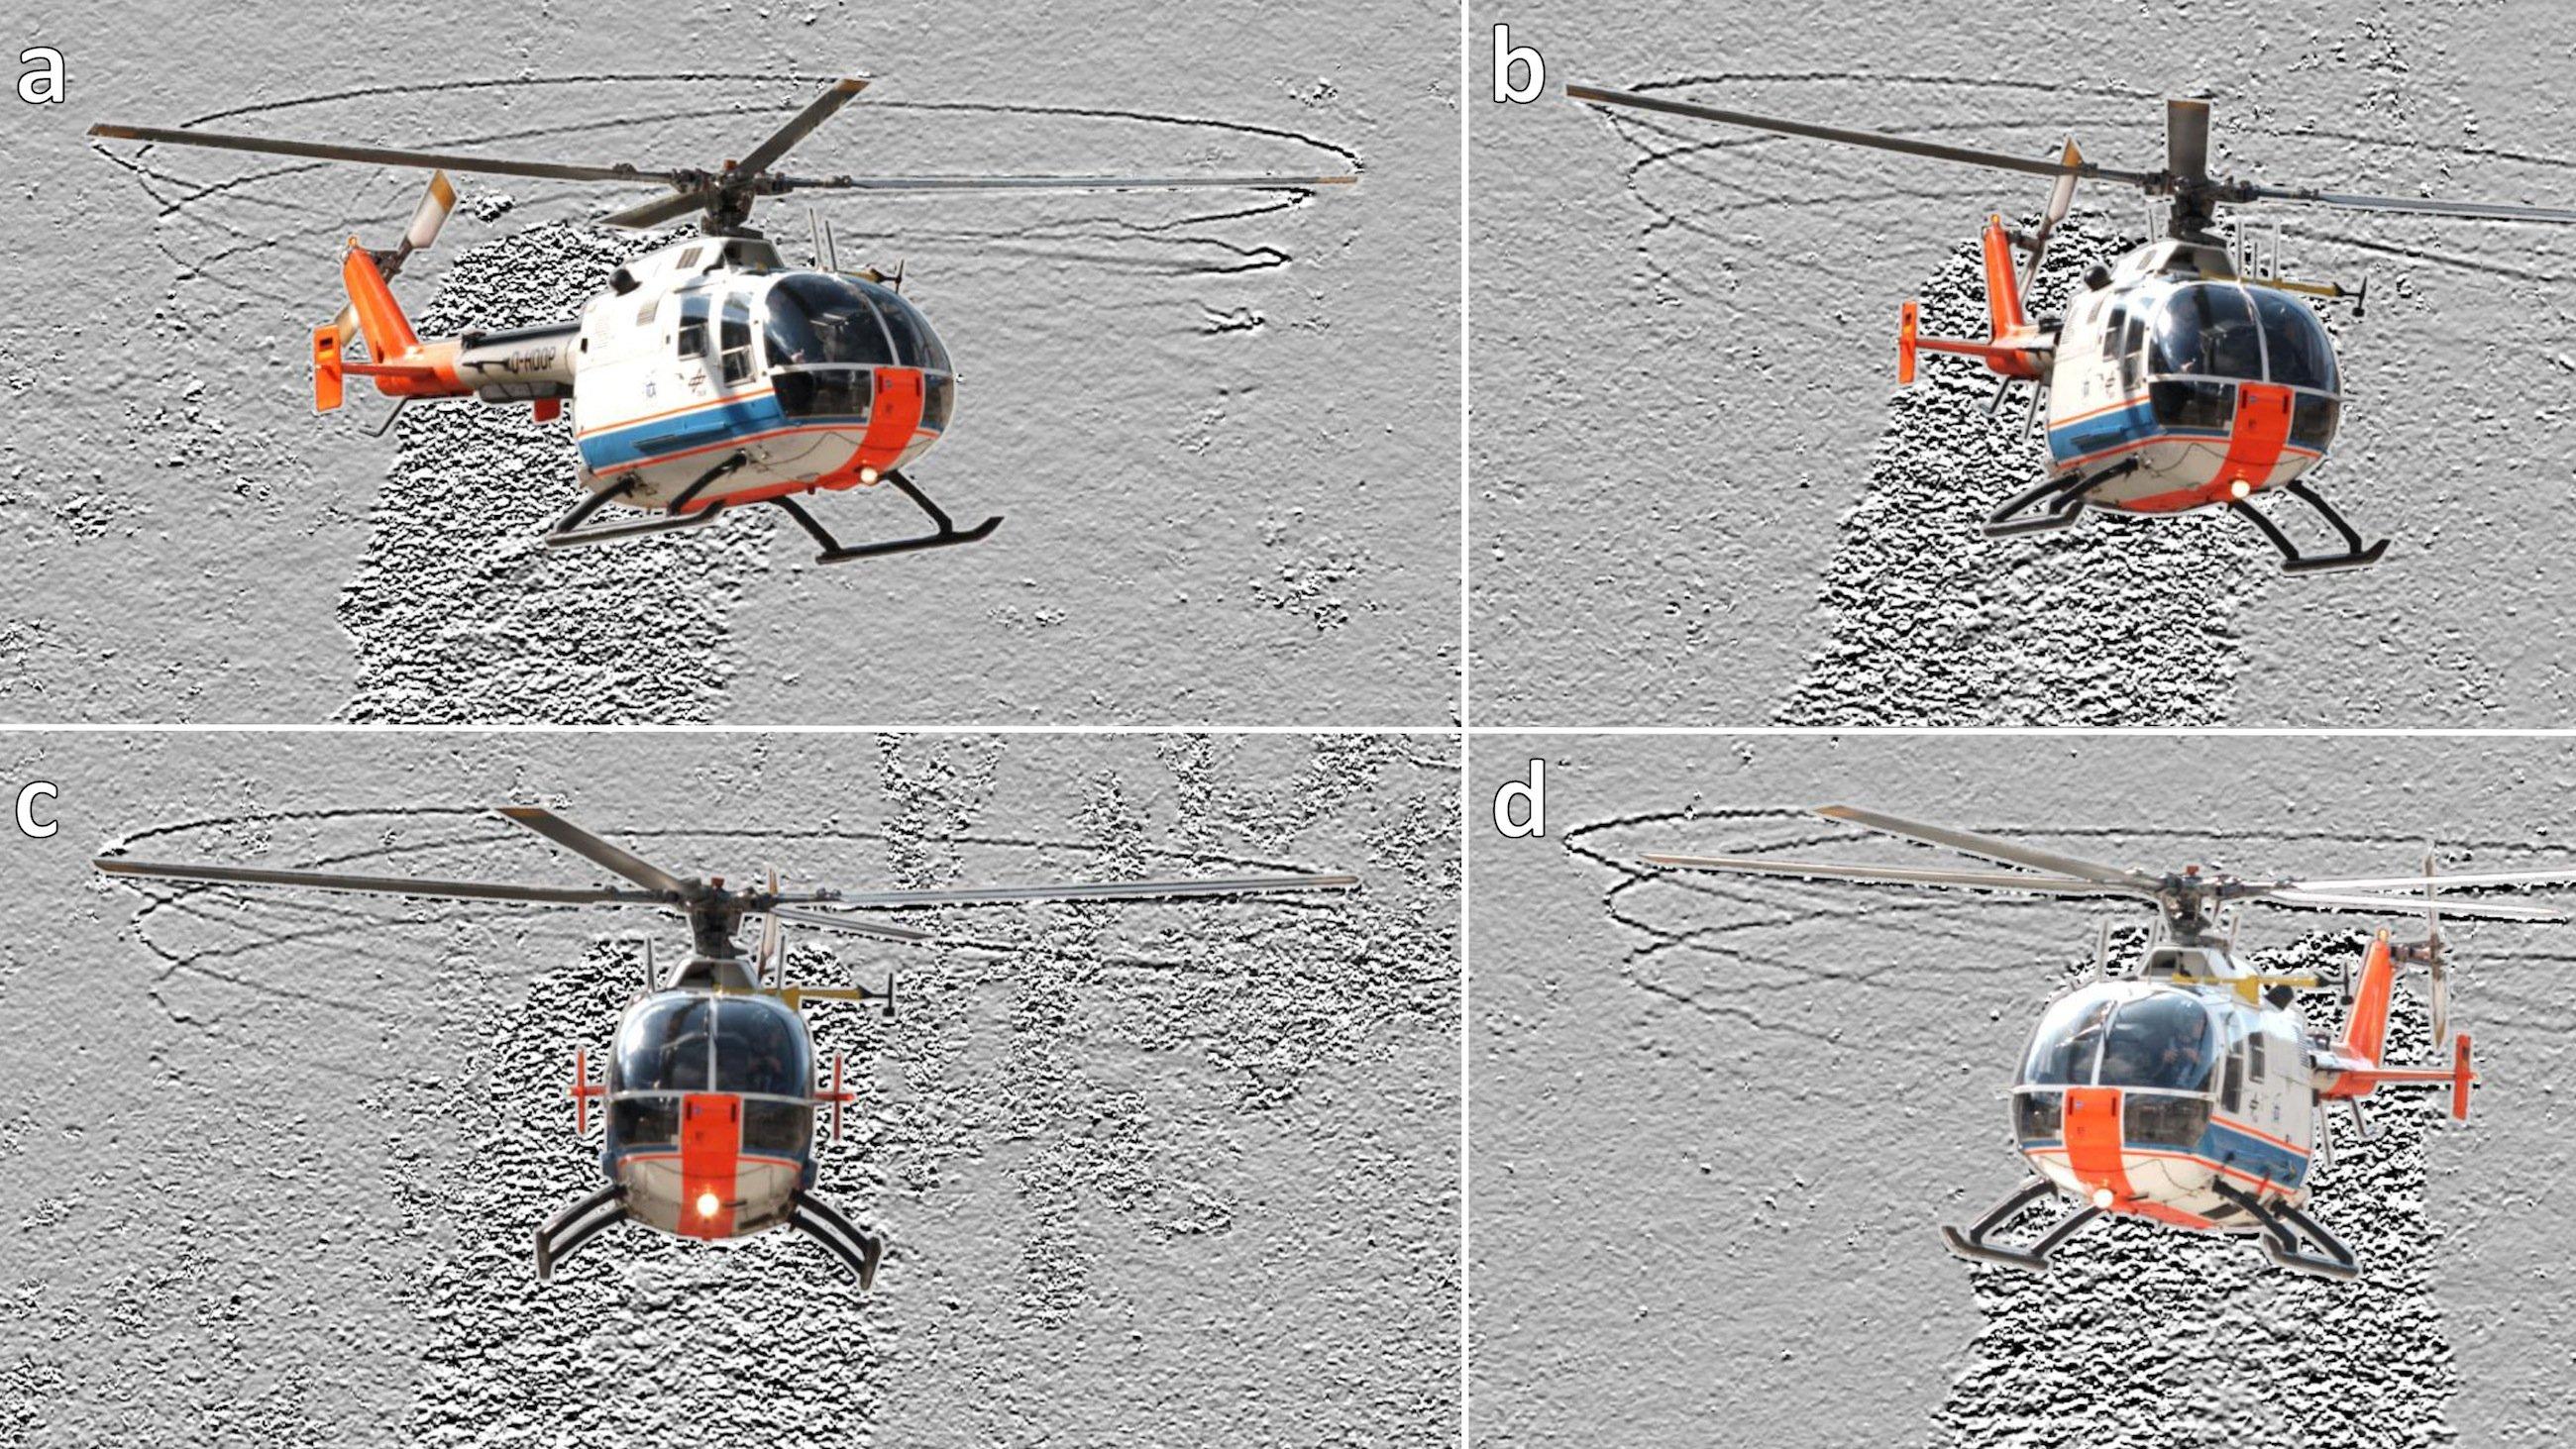 Aufnahmen eines Hubschraubers im vertikalen Steigflug: Die Wirbel sind als dunkle Linien abgebildet und maximal eine volle Umdrehung sichtbar. Außerdem sichtbar sind die Abgasstrahlen des Hubschraubers, die als verrauschte Fläche hinter dem Hubschrauber zu erkennen sind.